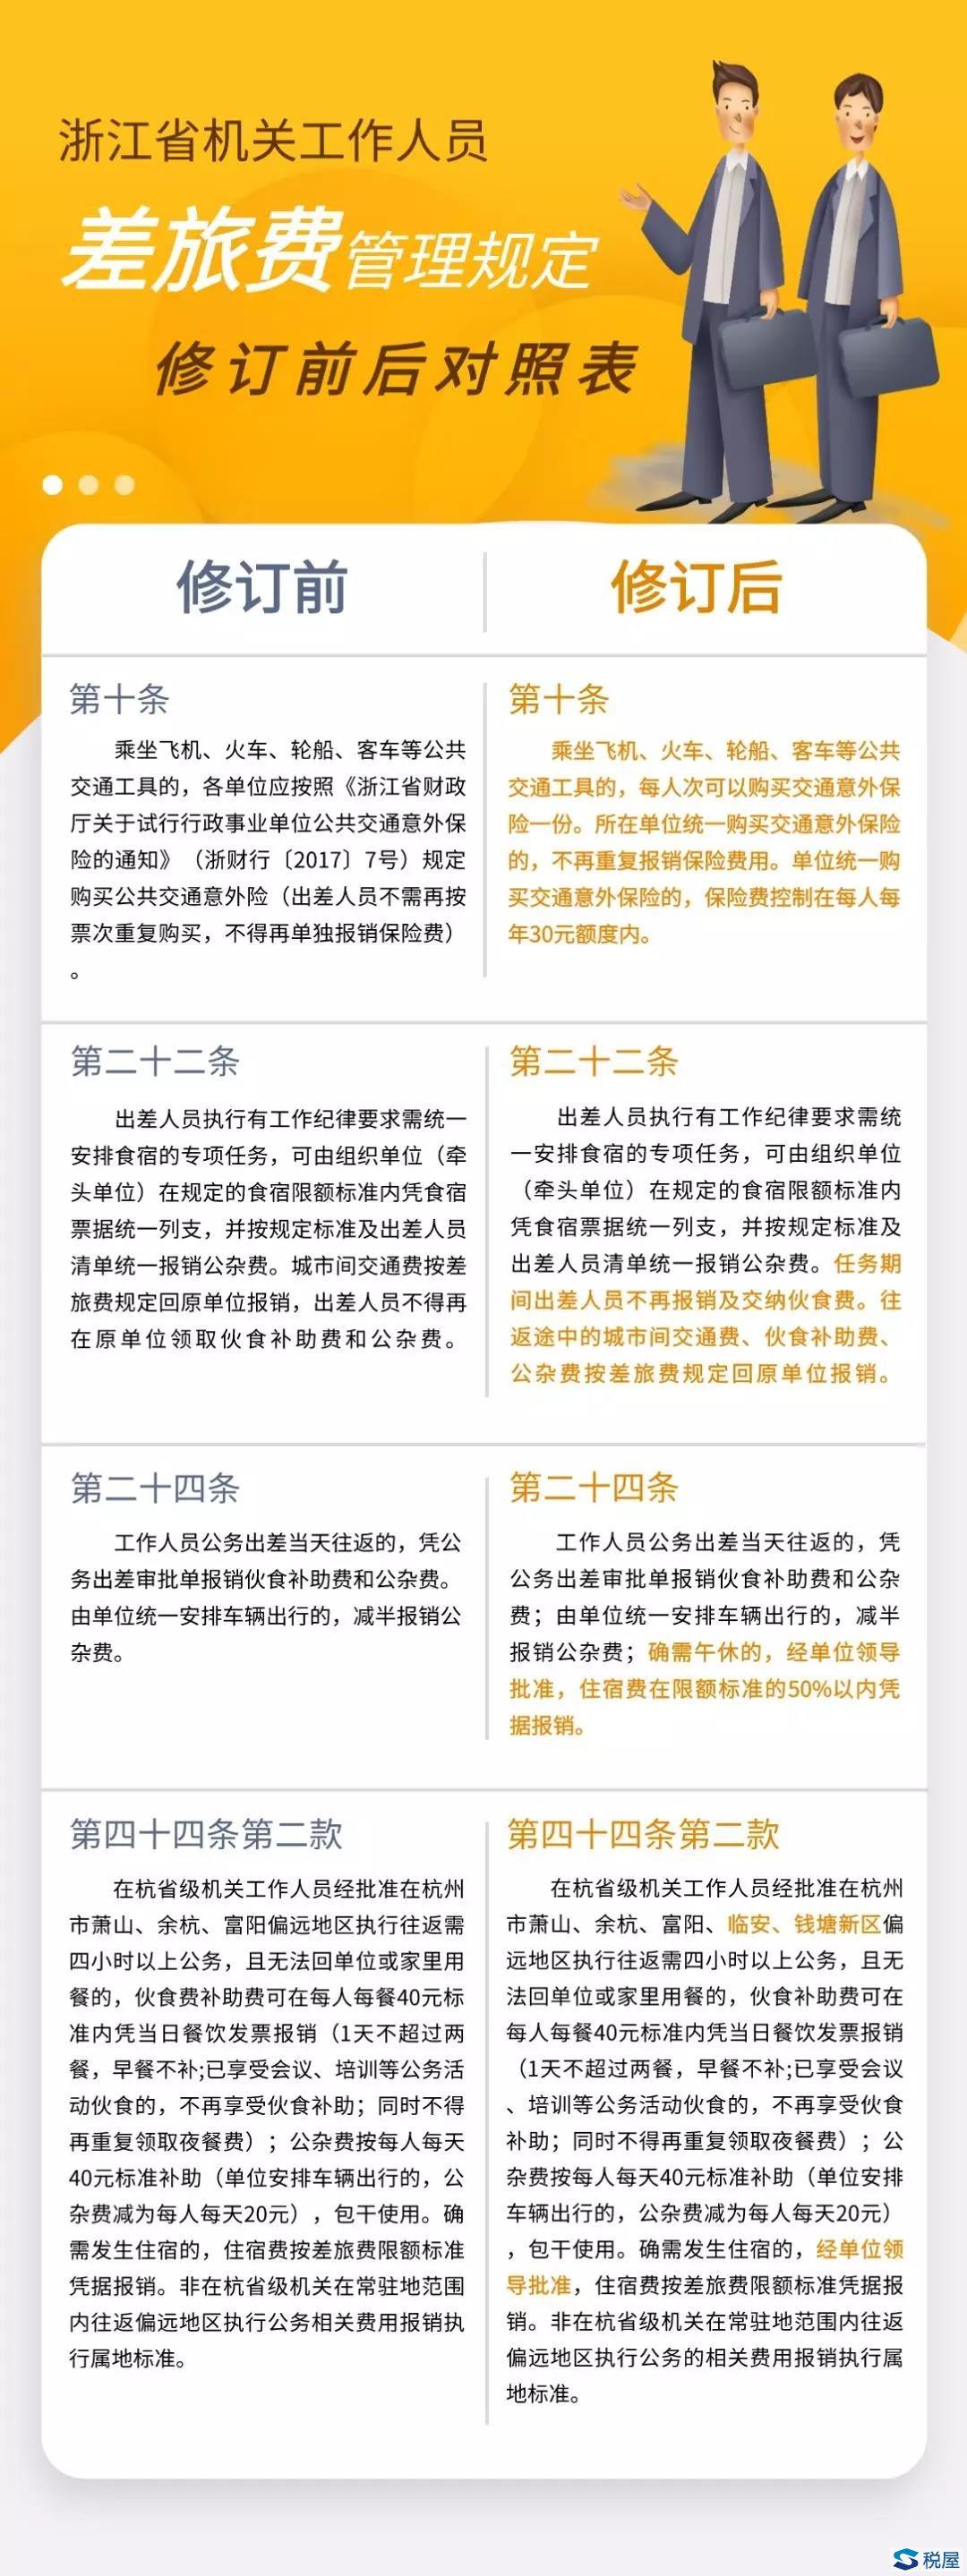 杭州市级机关工作人员差旅费报销有变化